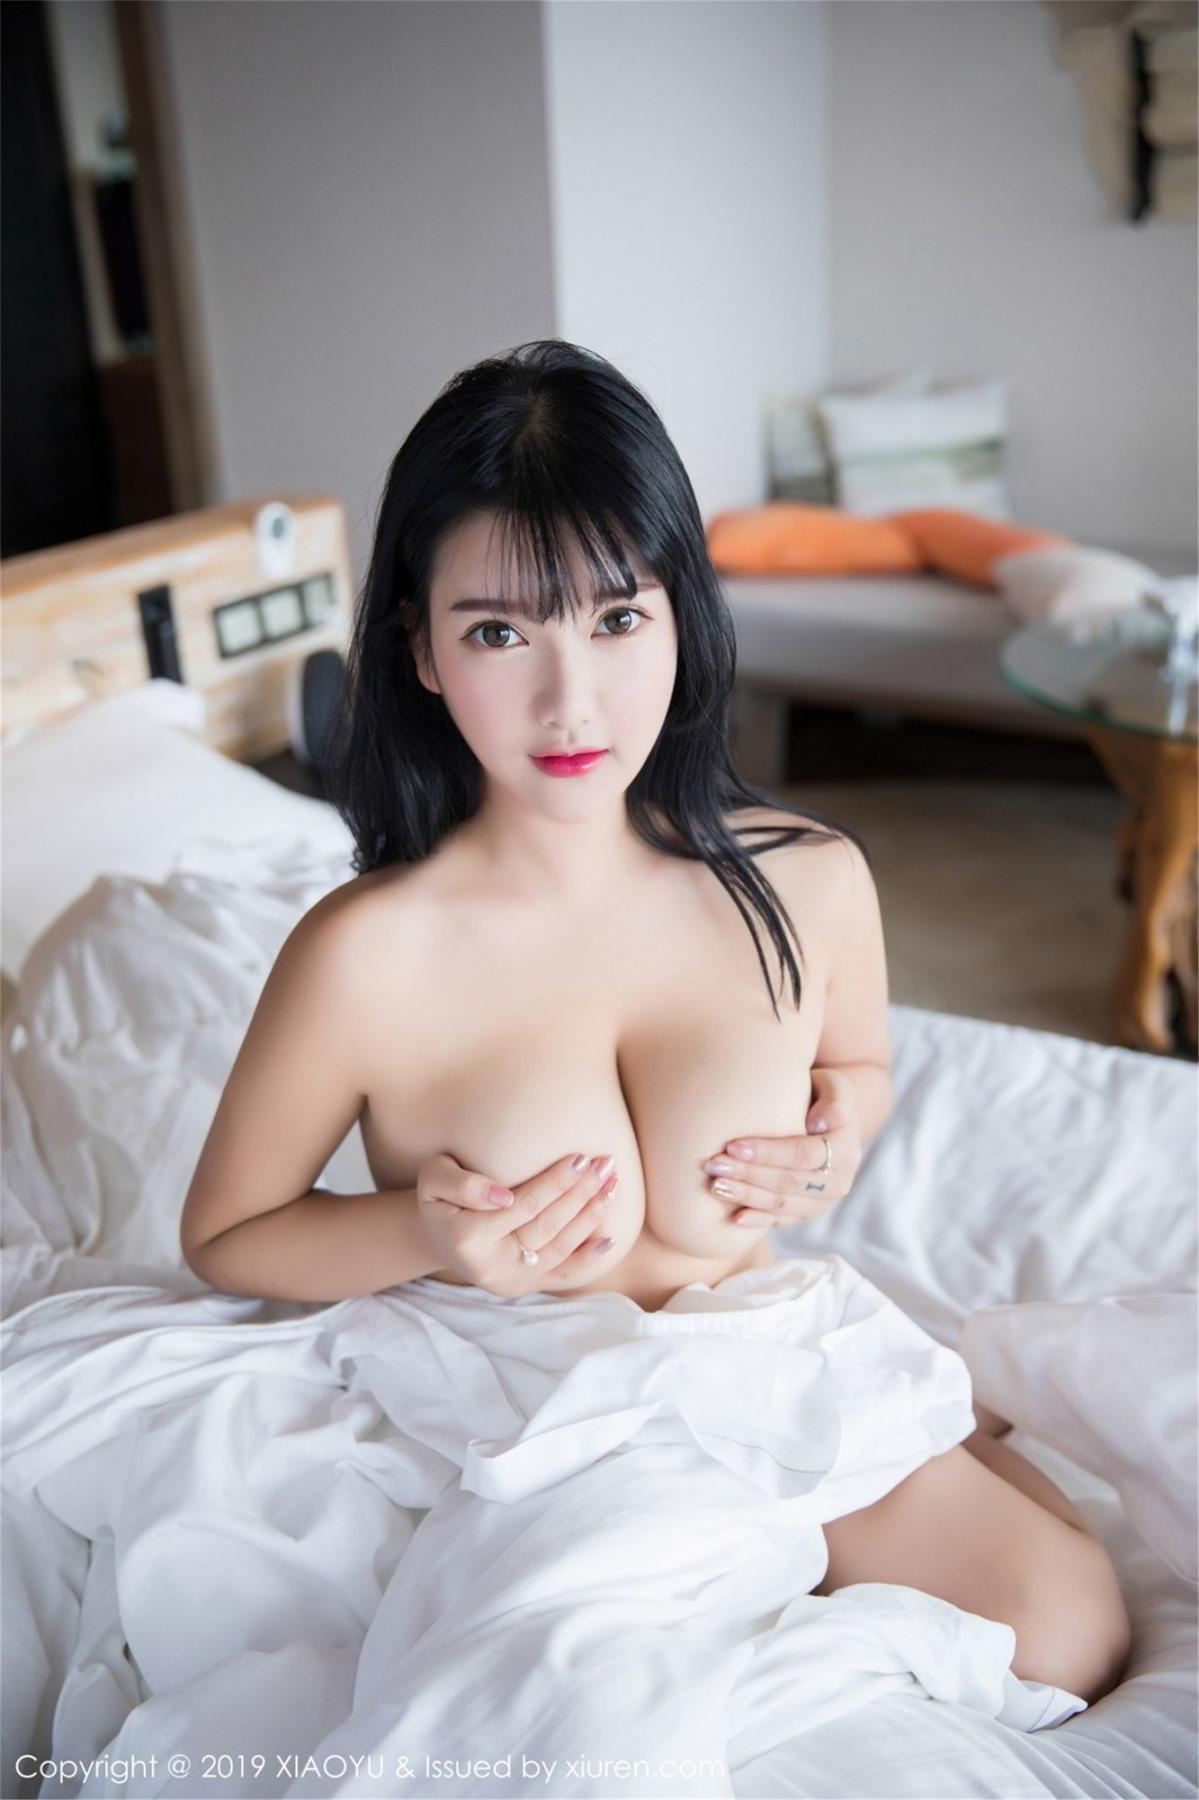 [XiaoYu] Vol.070 Lu Lu Xiao Miao 21P, Baby Face Big Boobs, Lovely, Lu Lu Xiao Miao, XiaoYu